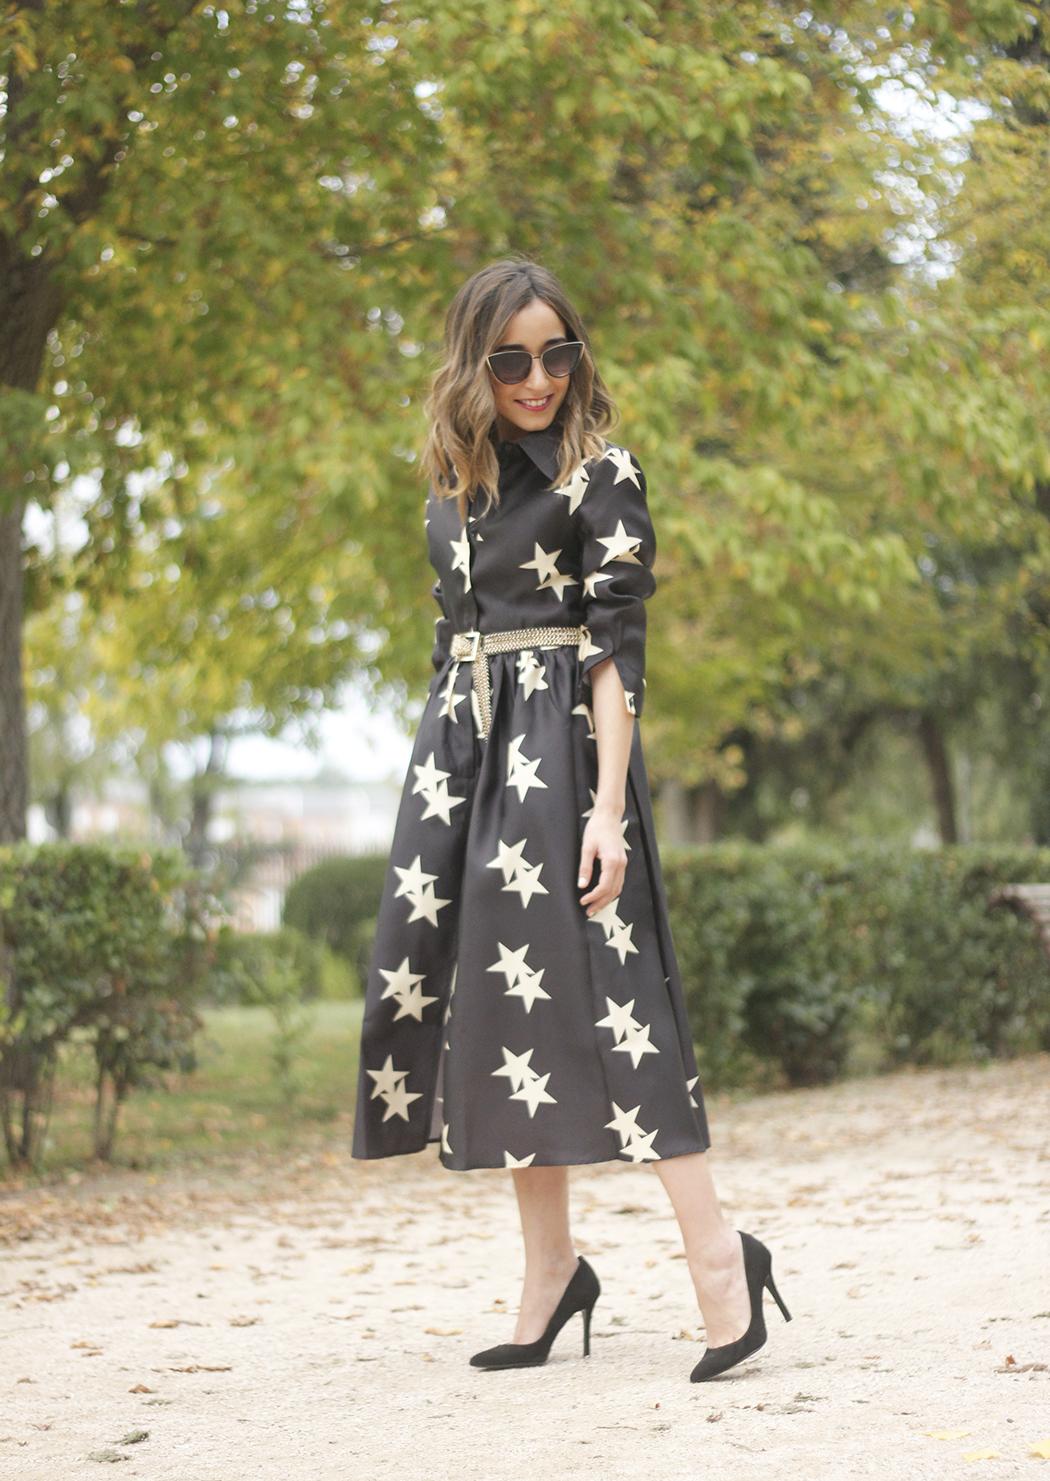 Star Print Dress sunnies heels outfit07